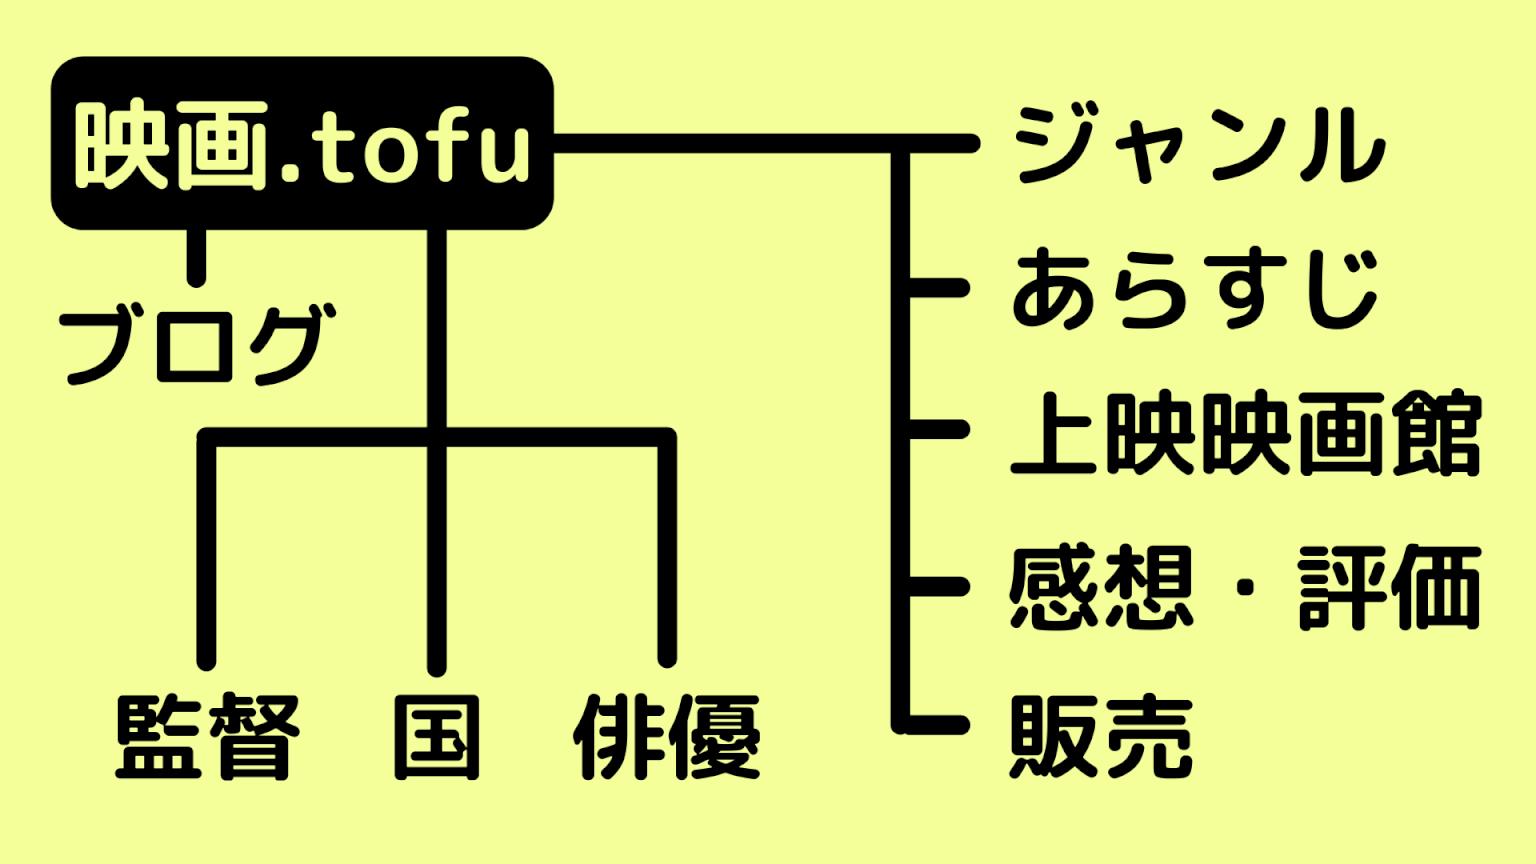 カスタム投稿タイプの例えサイトの構成図